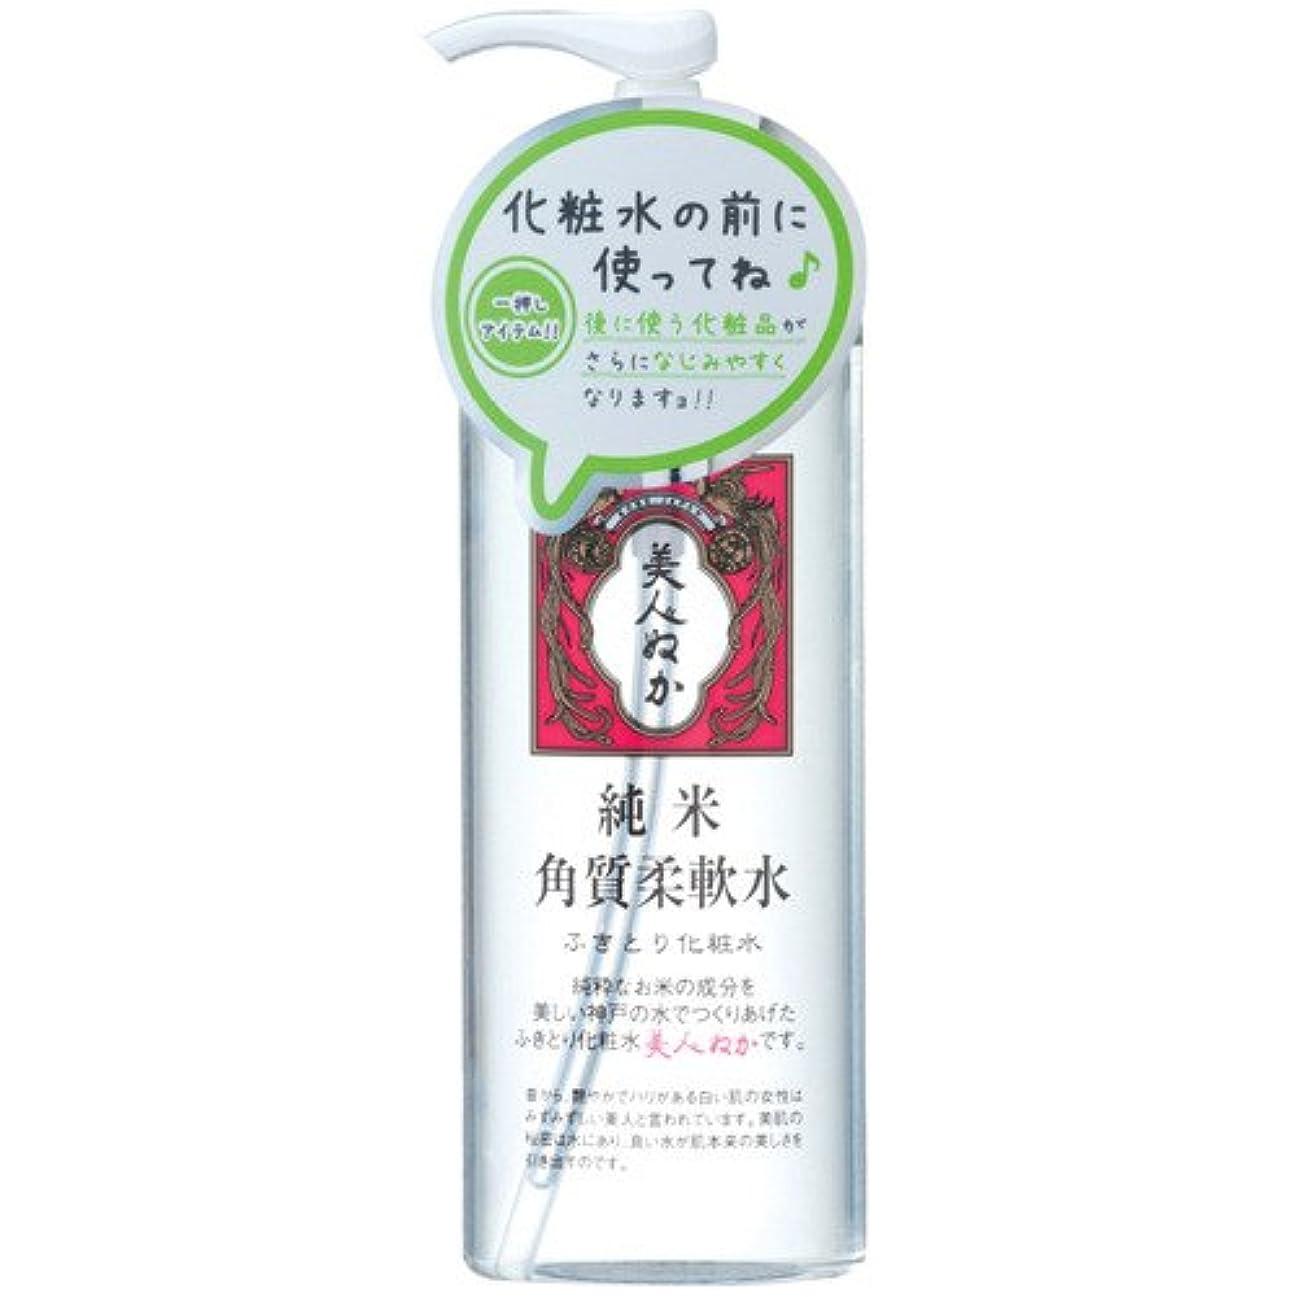 理容師ポット売上高リアル 美人ぬか 純米 角質柔軟水 ふきとり化粧水 198ml 本体 ×5点セット ( 4903432713141 )